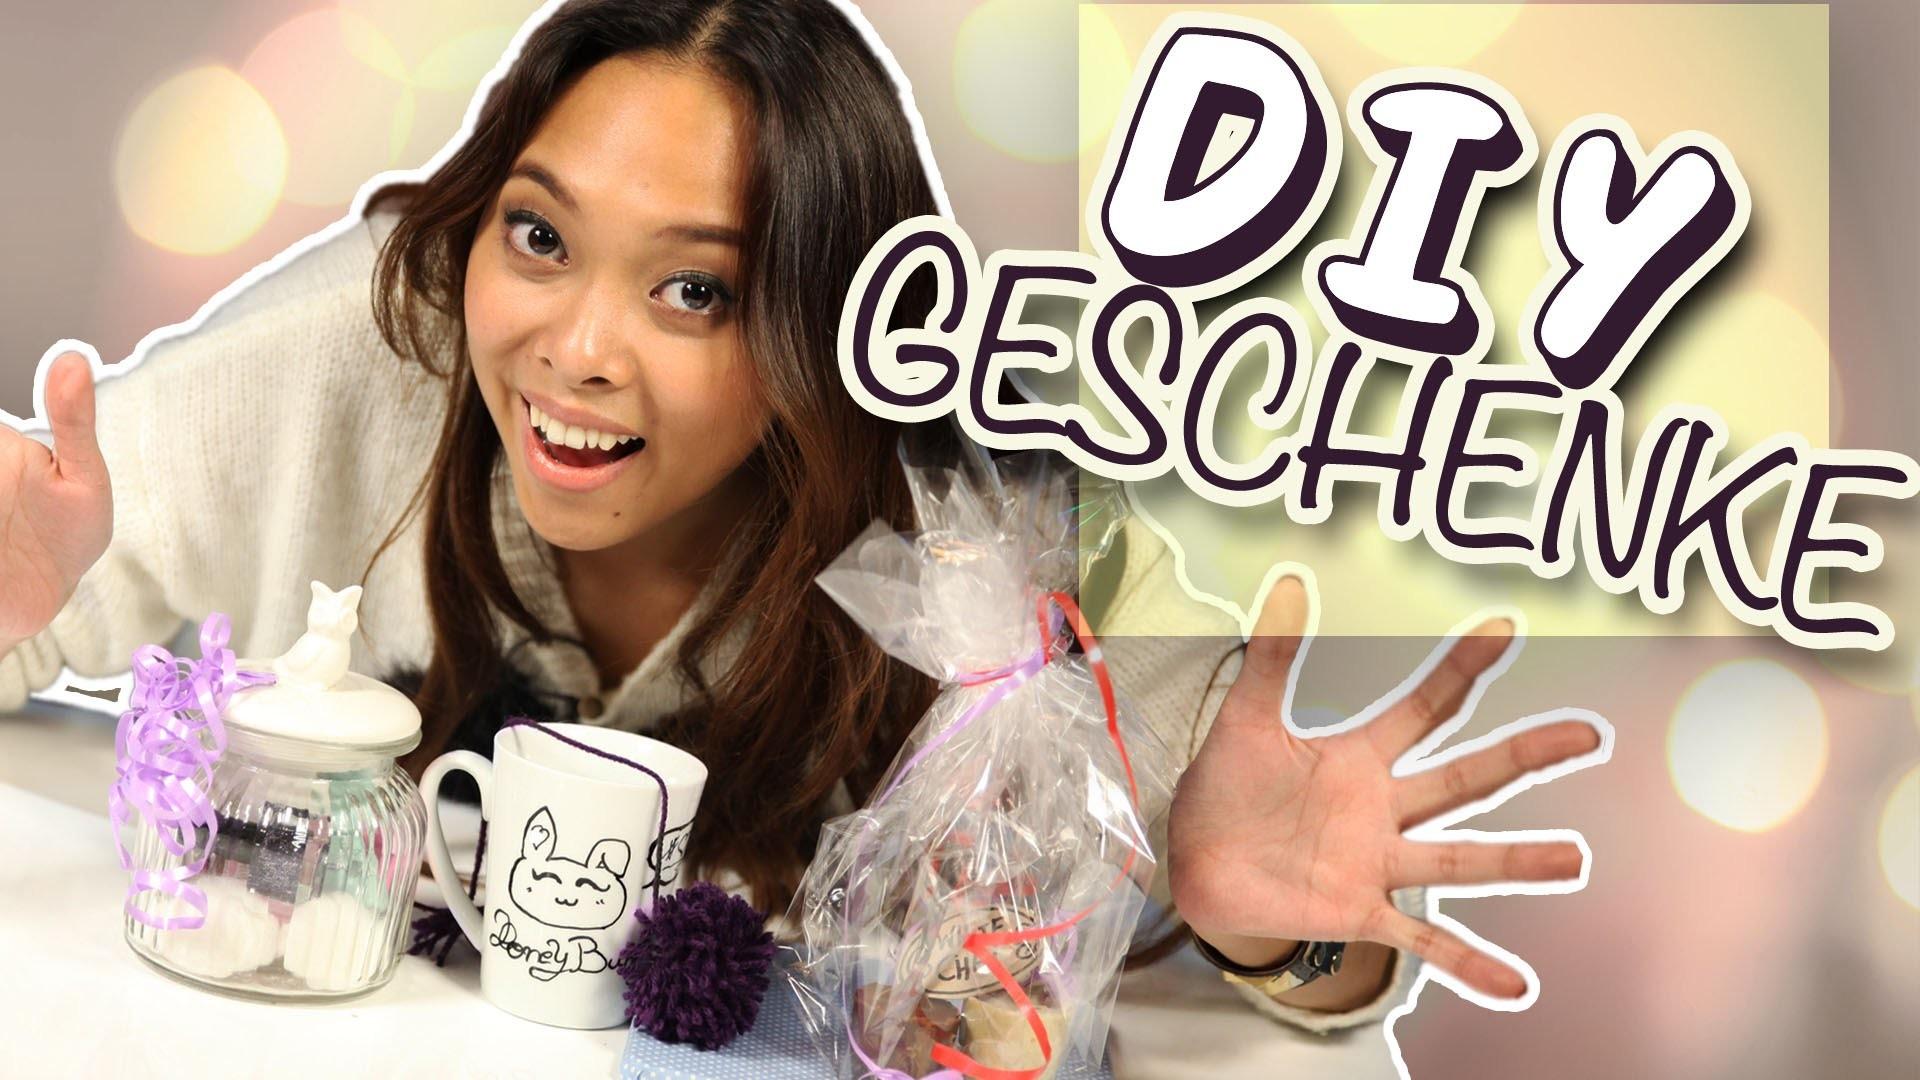 Einfache DIY-Geschenke | Chaos Chrissy